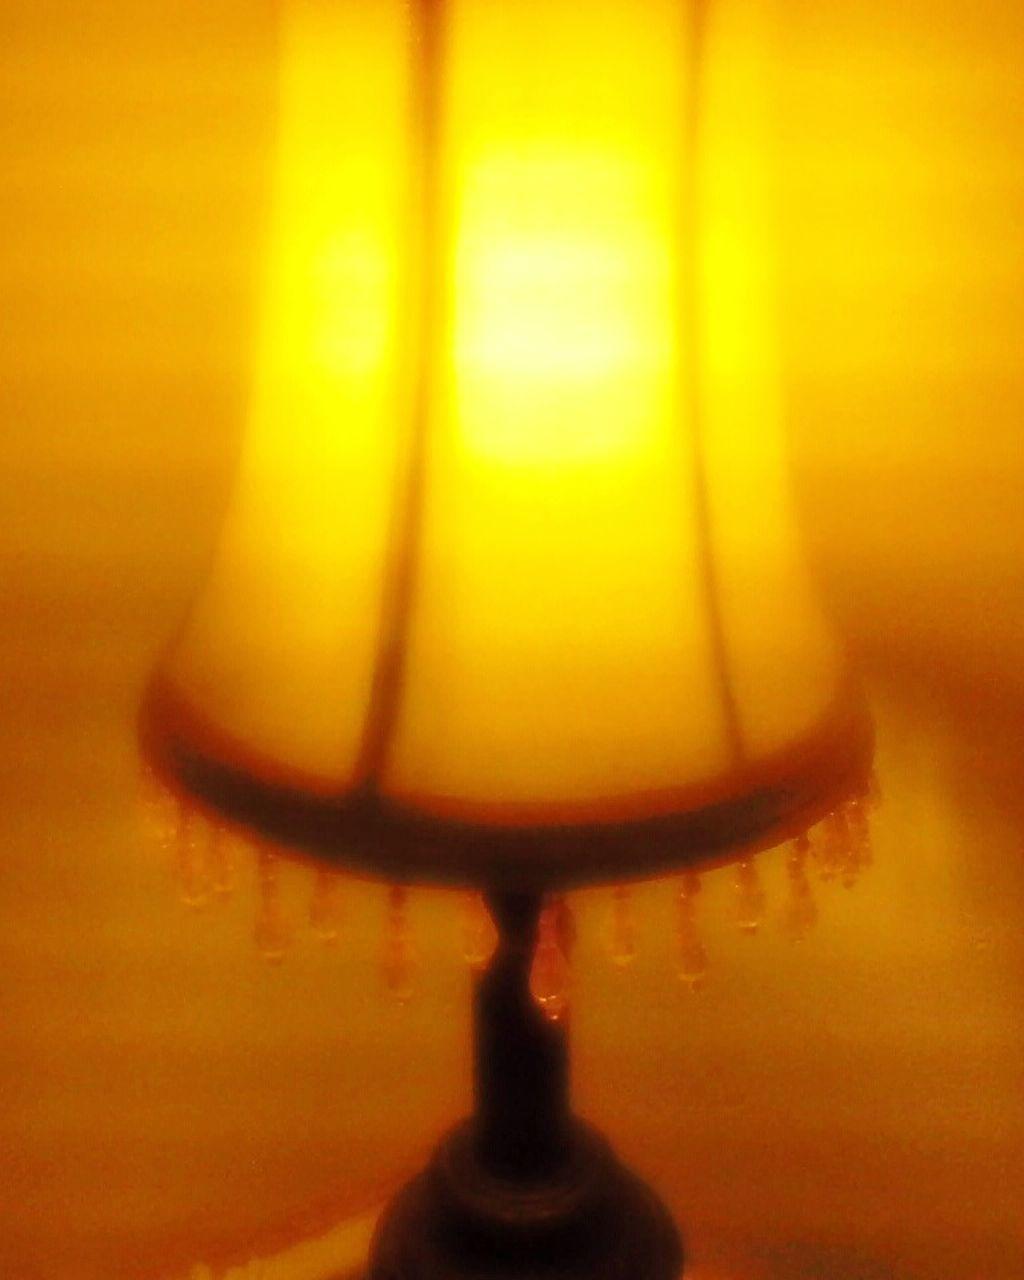 indoors, close-up, no people, illuminated, night